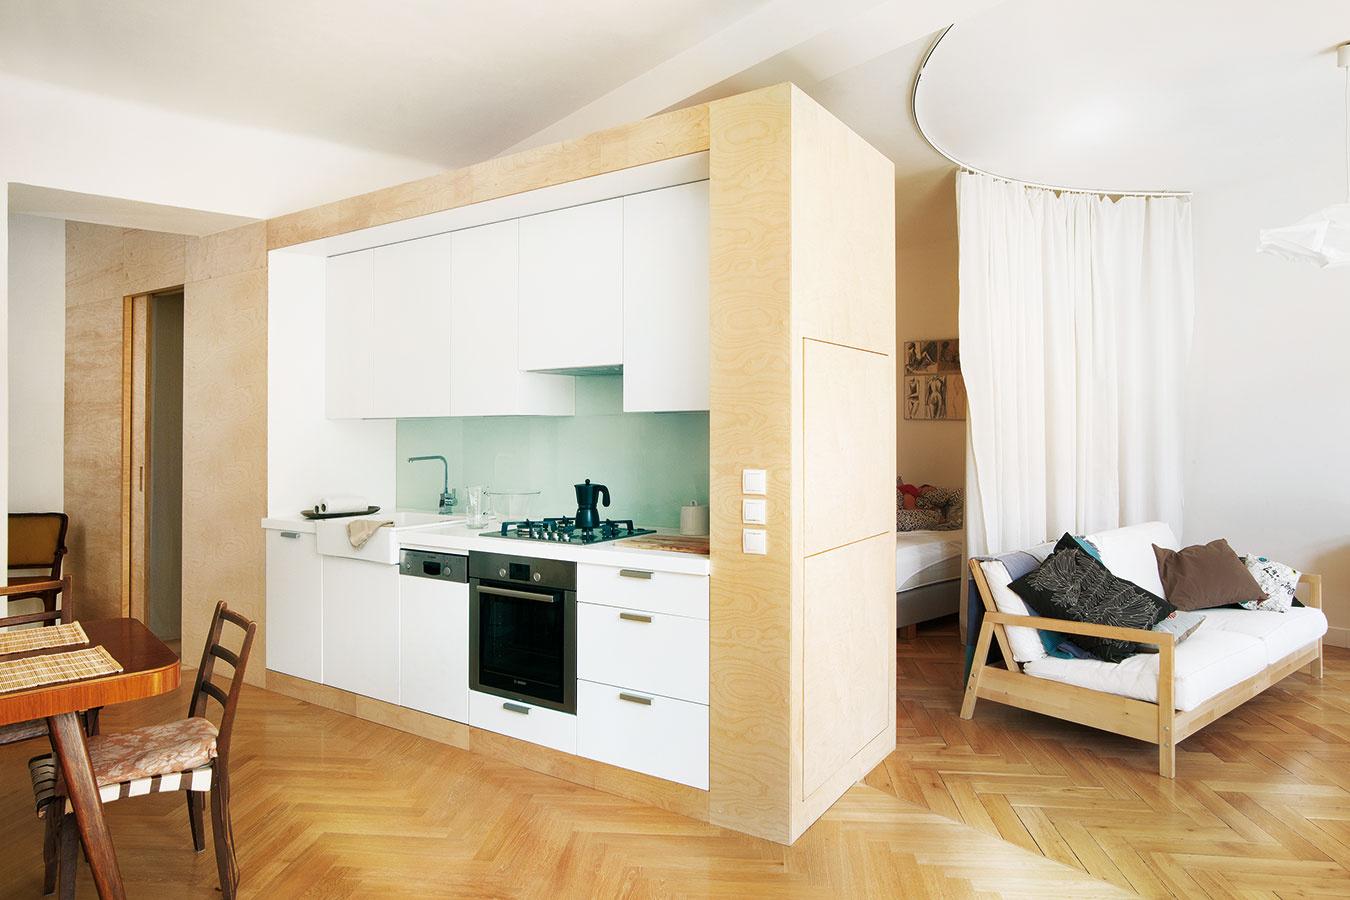 Viac ako len kuchyňa. Olejovaná brezová preglejka sa stala hlavným spojivom aj v byte z dielne pražských architektov edit!. Najvýraznejší prvok je kubus, ktorý z jednej strany obopína kuchynskú linku, z druhej vytvára knižnicu a na čelnej strane ukrýva aj nenápadný bar s výklopným pultíkom.